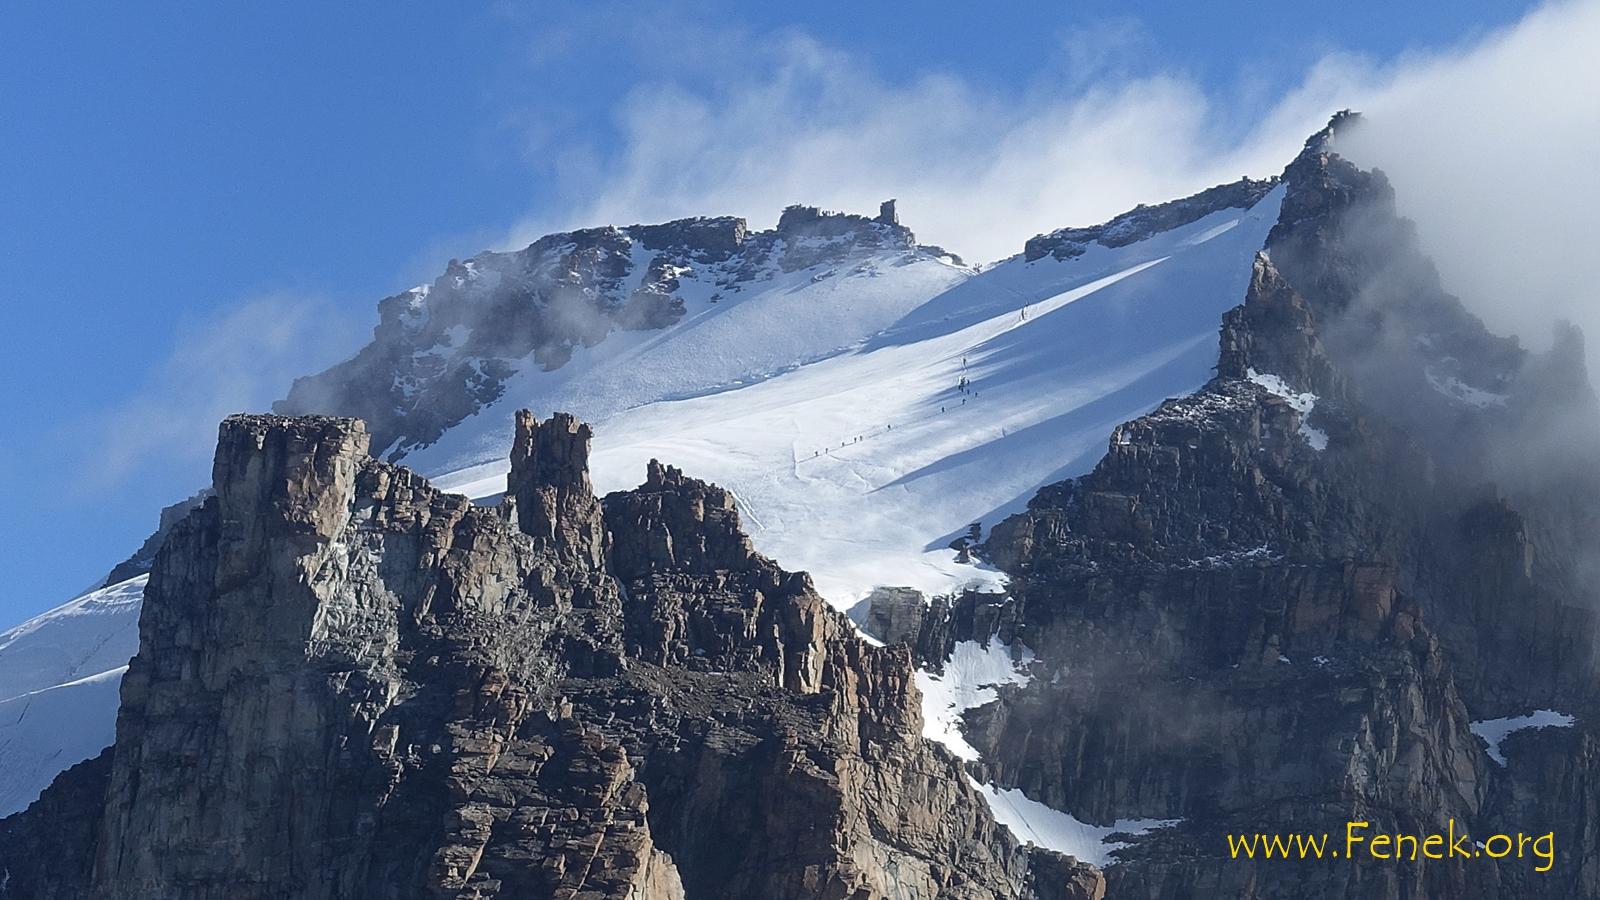 Gipfelregion mit Gedränge